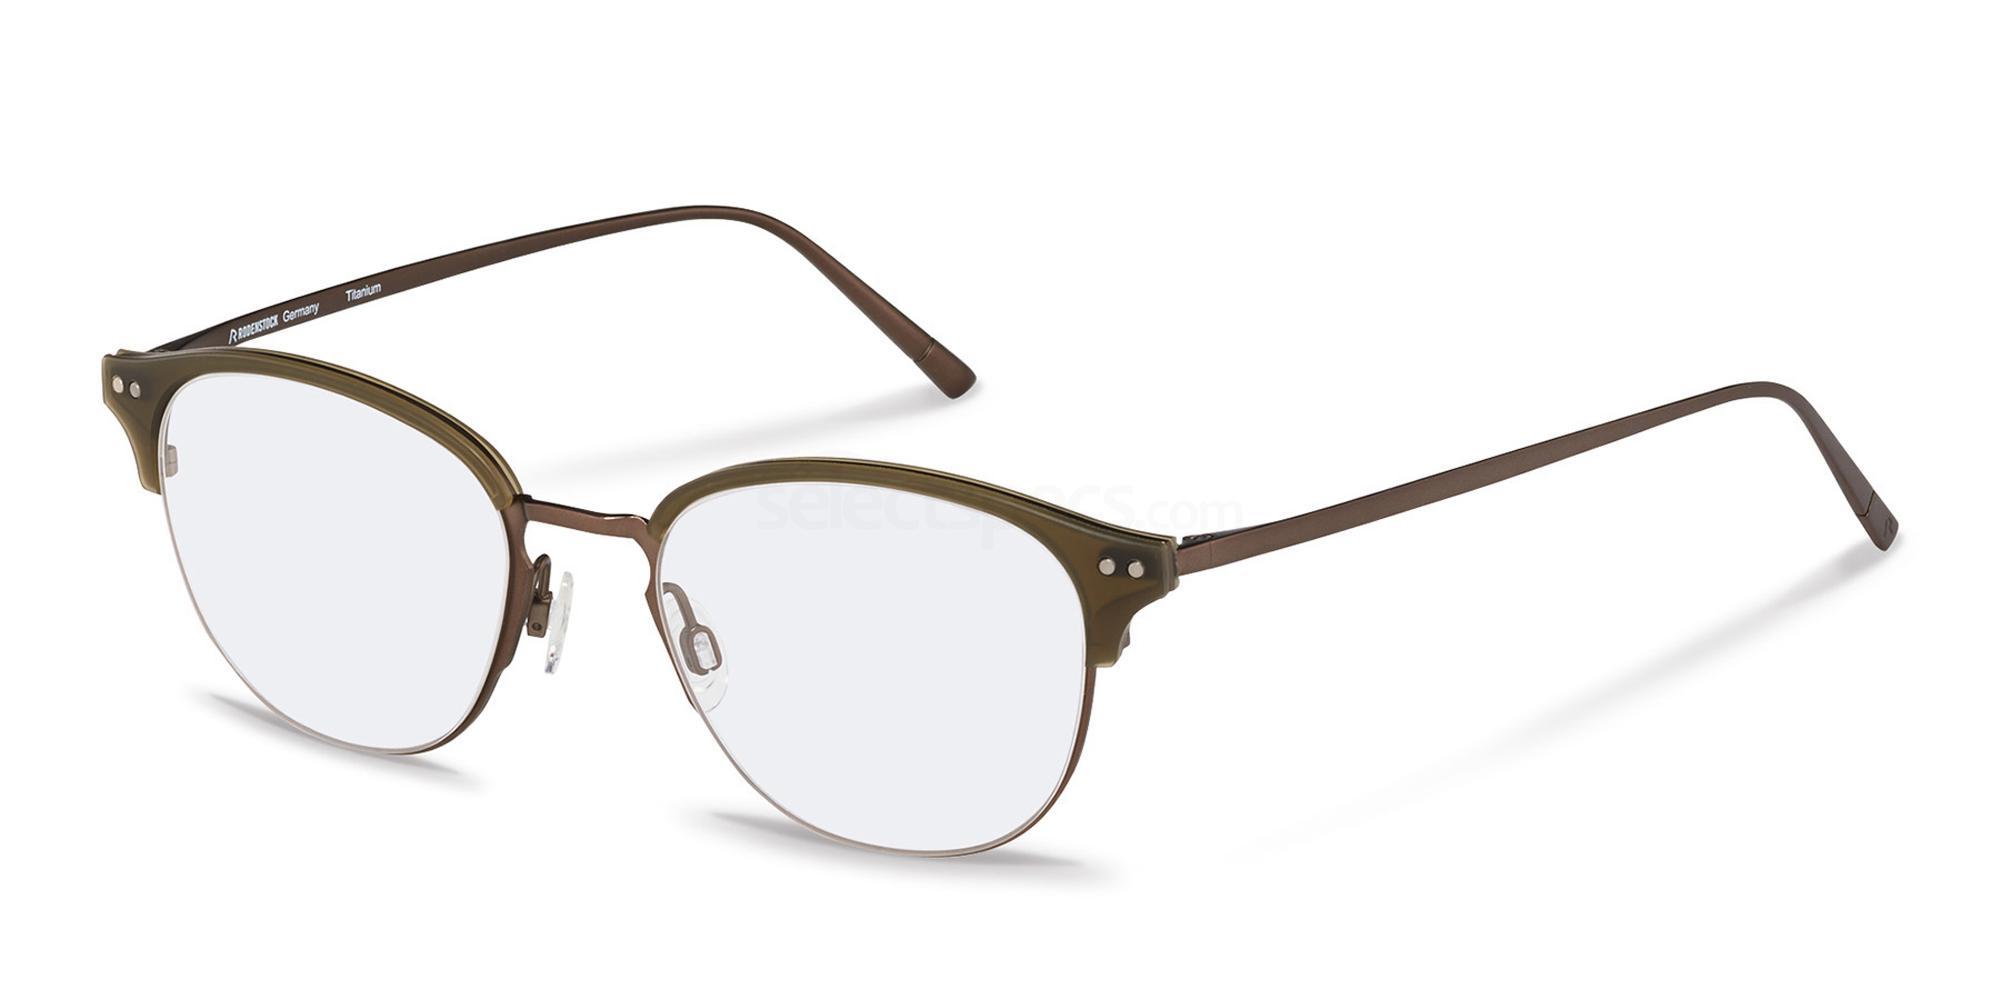 B R7083 Glasses, Rodenstock